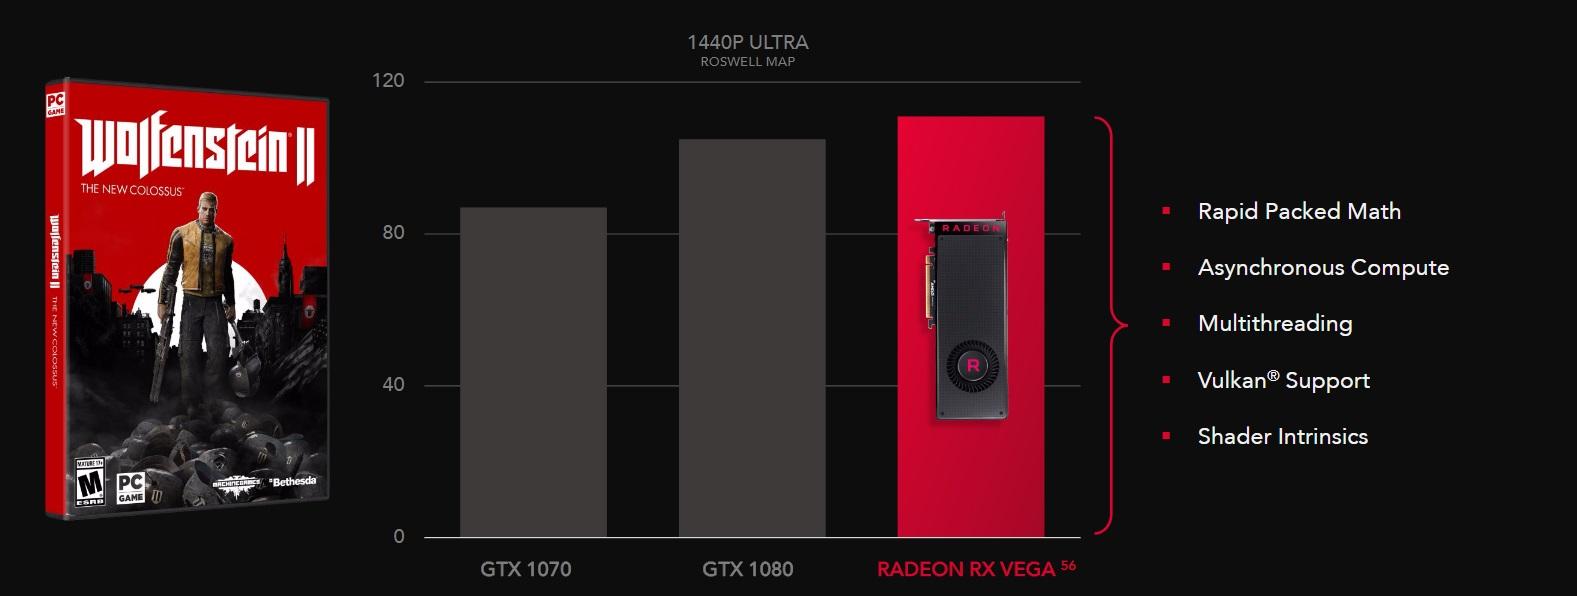 La Radeon RX Vega 56 supera a la GTX 1080 en algunos juegos, la optimización es clave 34